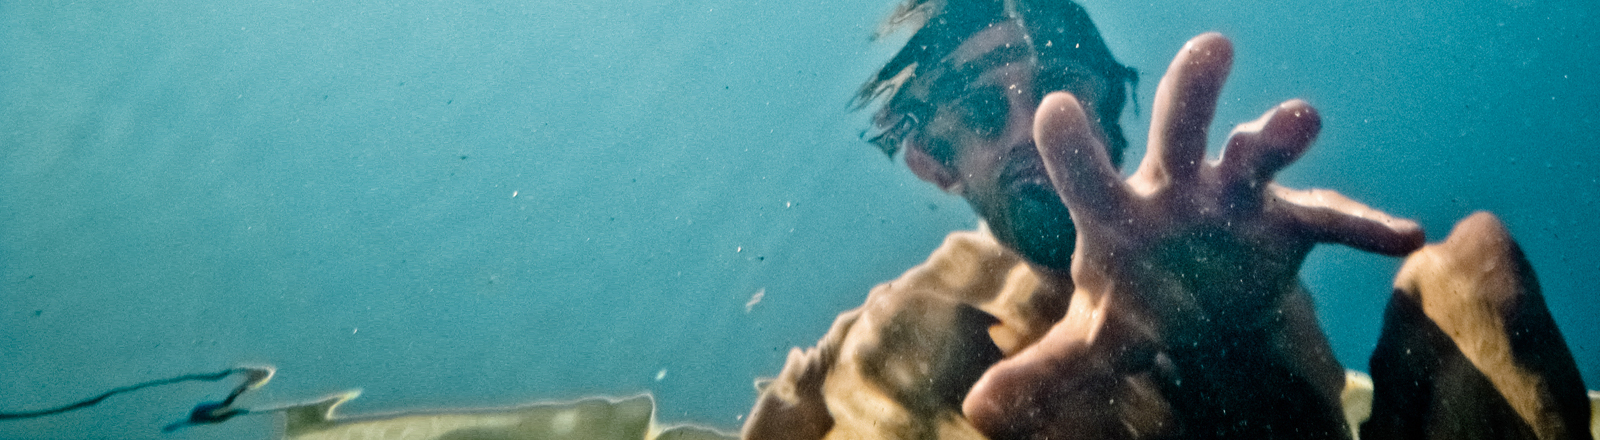 Ein Mann streckt seine Hand aus, um jemanden aus dem Wasser zu ziehen.